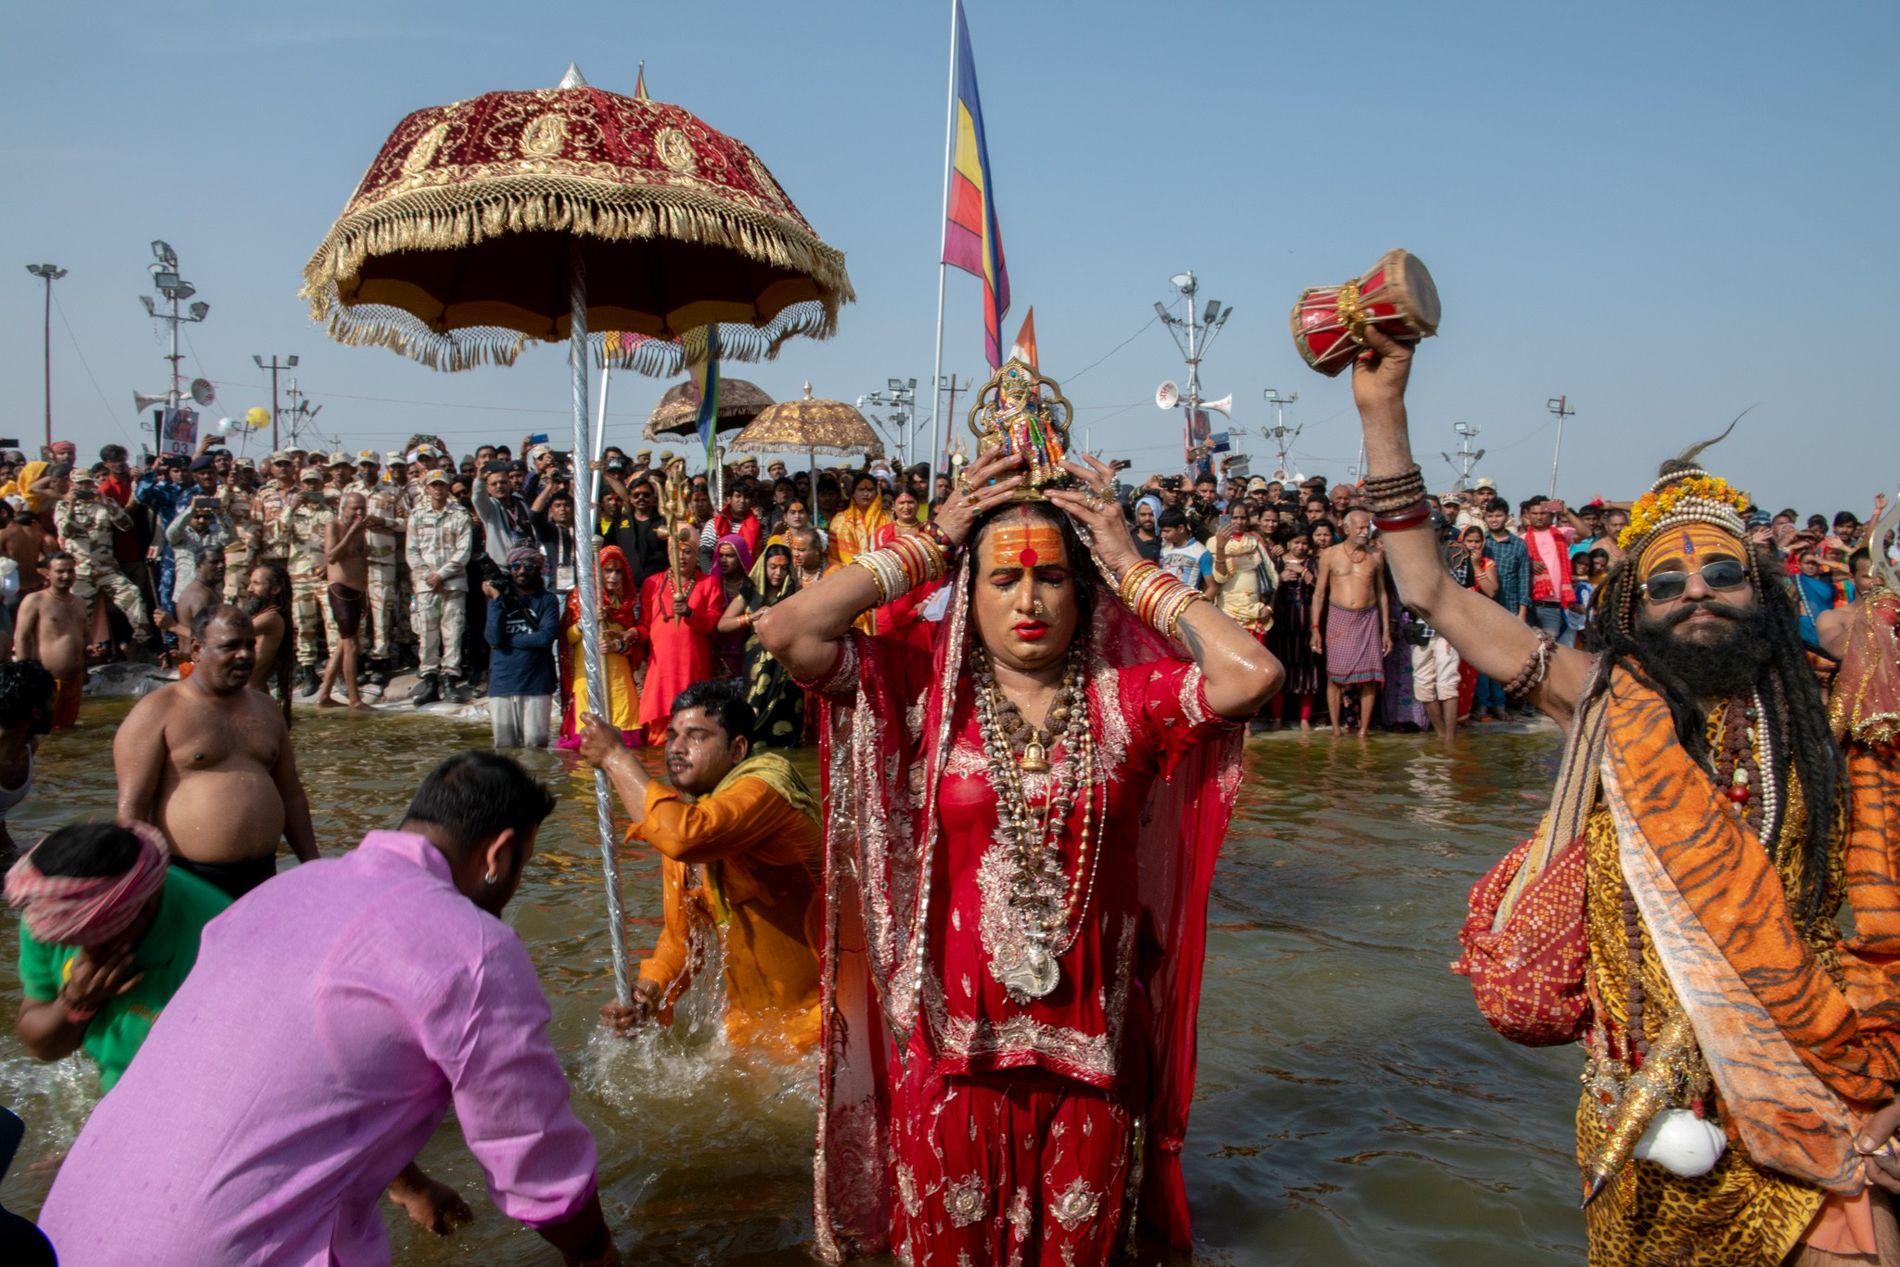 Laxmi Narayan Tripathi ora ao Deus Shiva durante o banho sagrado no rio Ganges. Os banhos ...